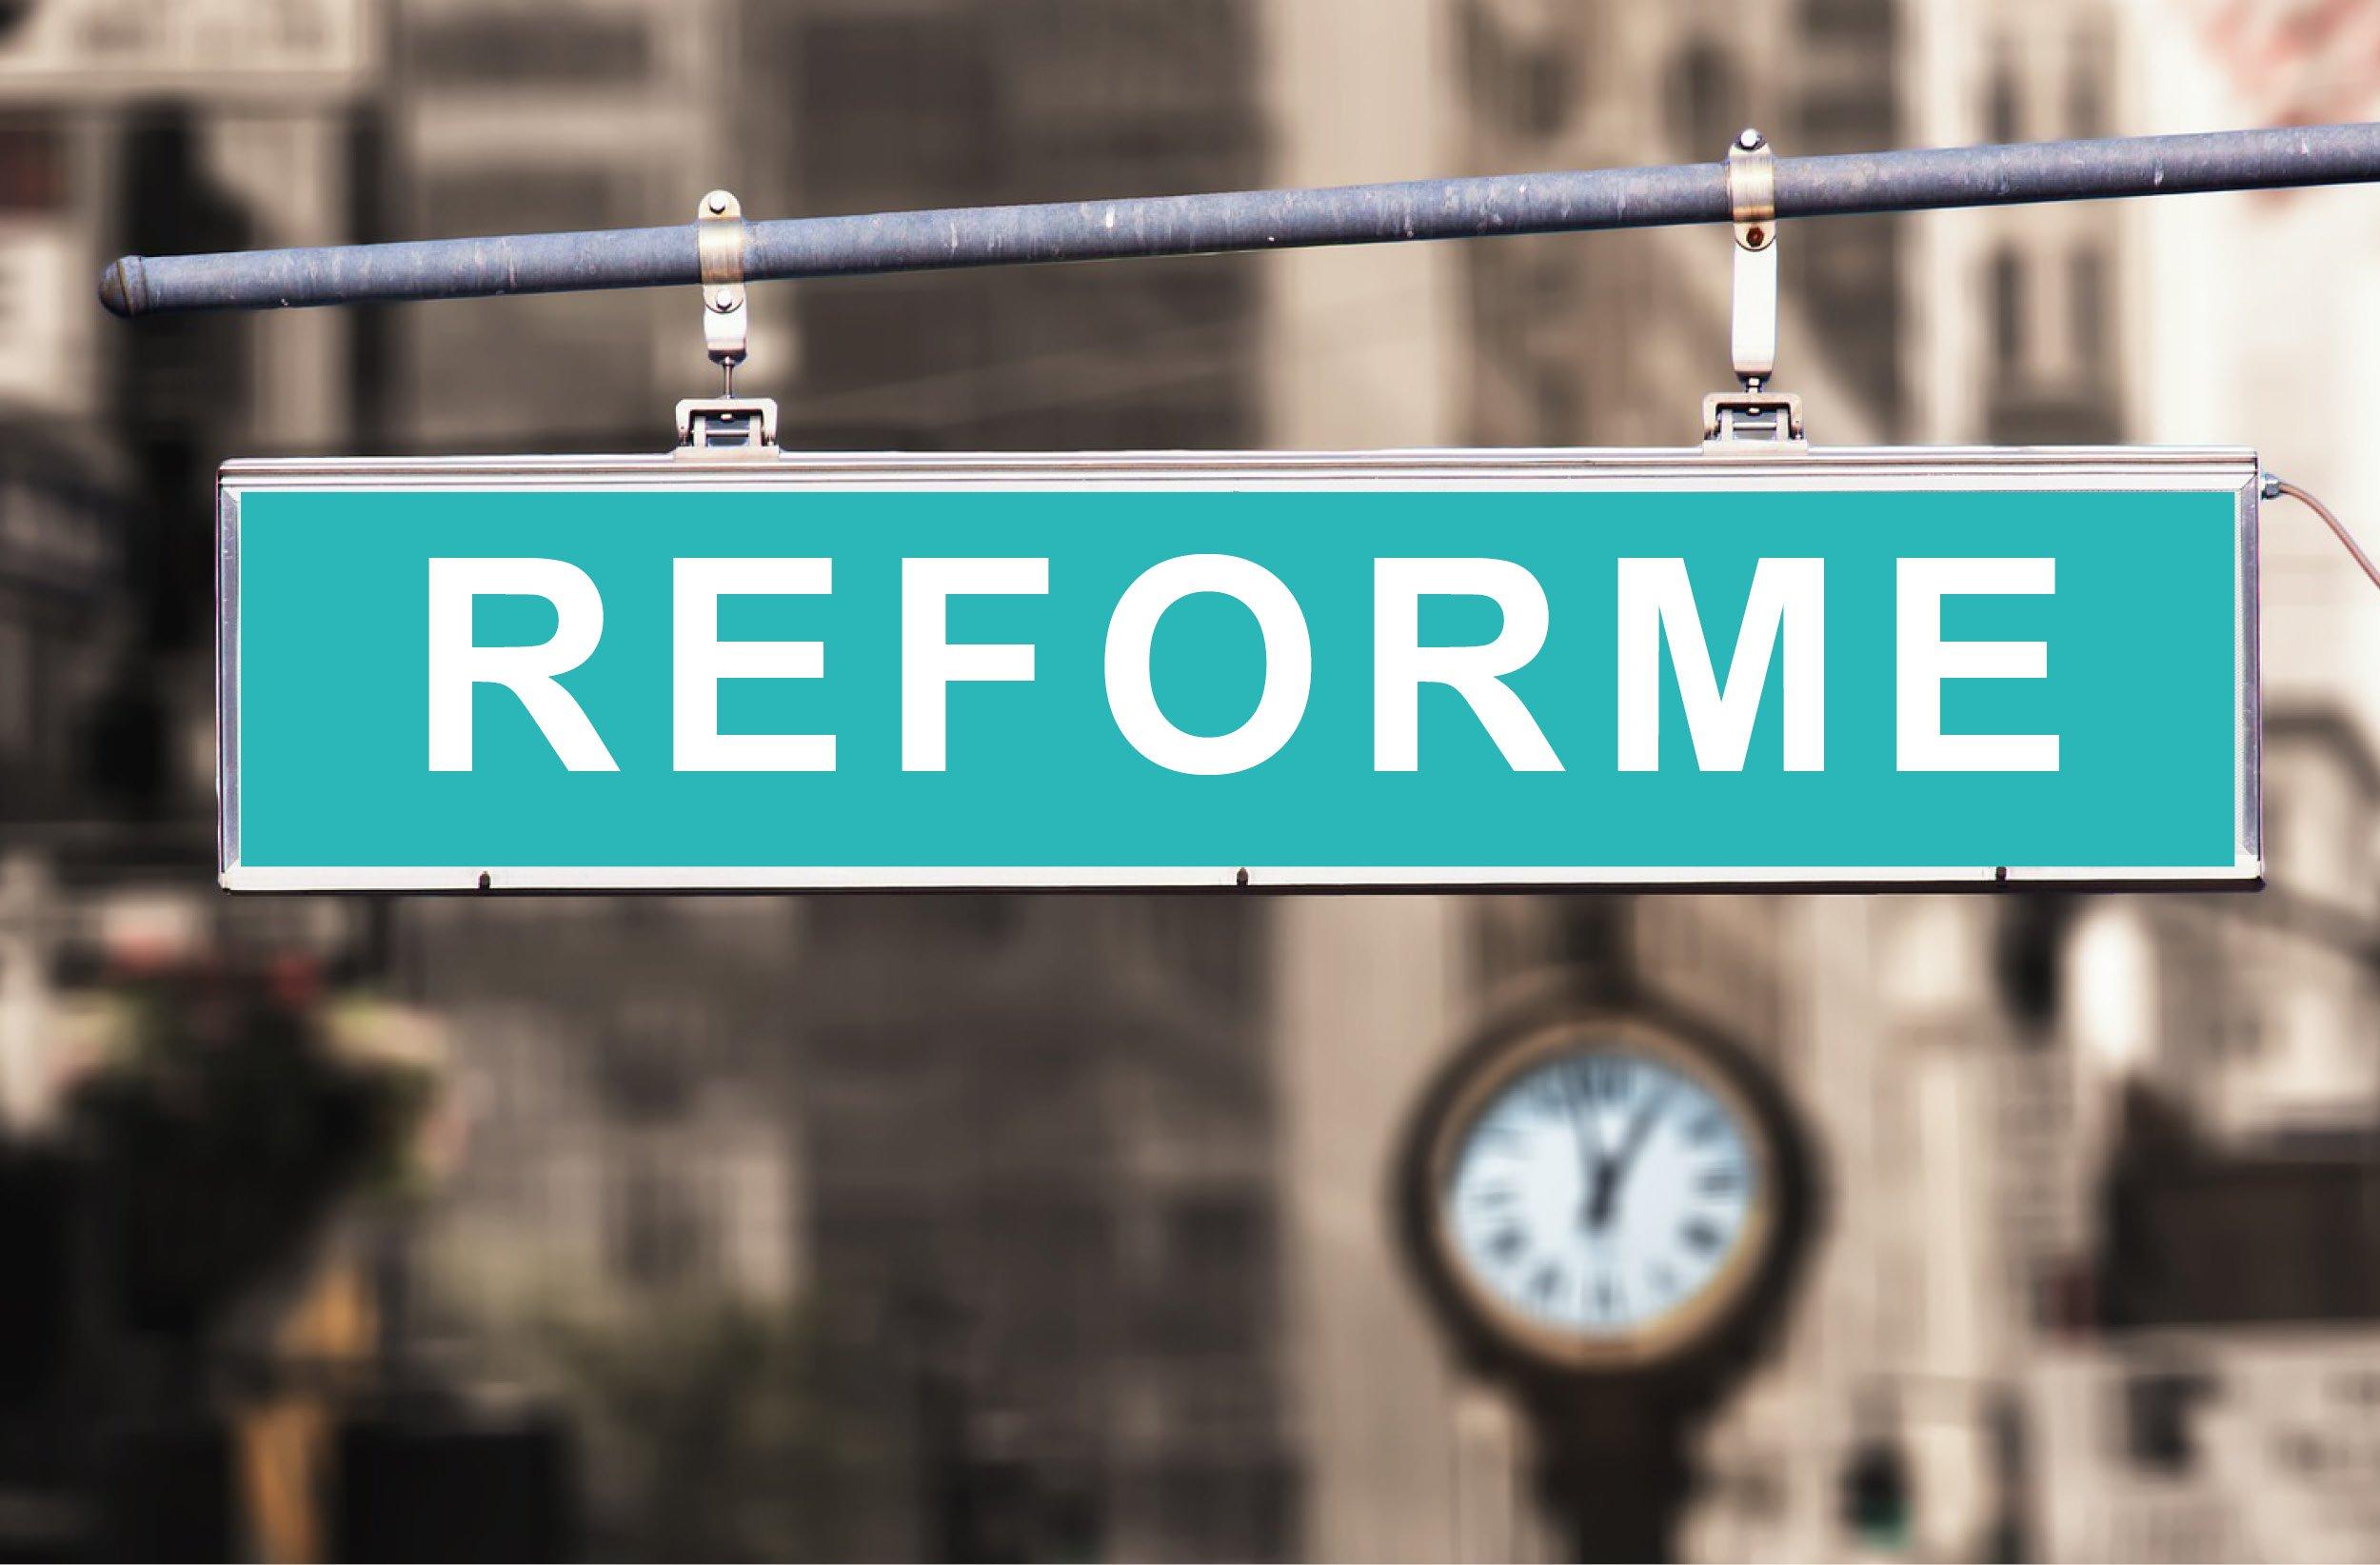 Formation professionnelle, apprentissage, assurance chômage : le résumé de la réforme